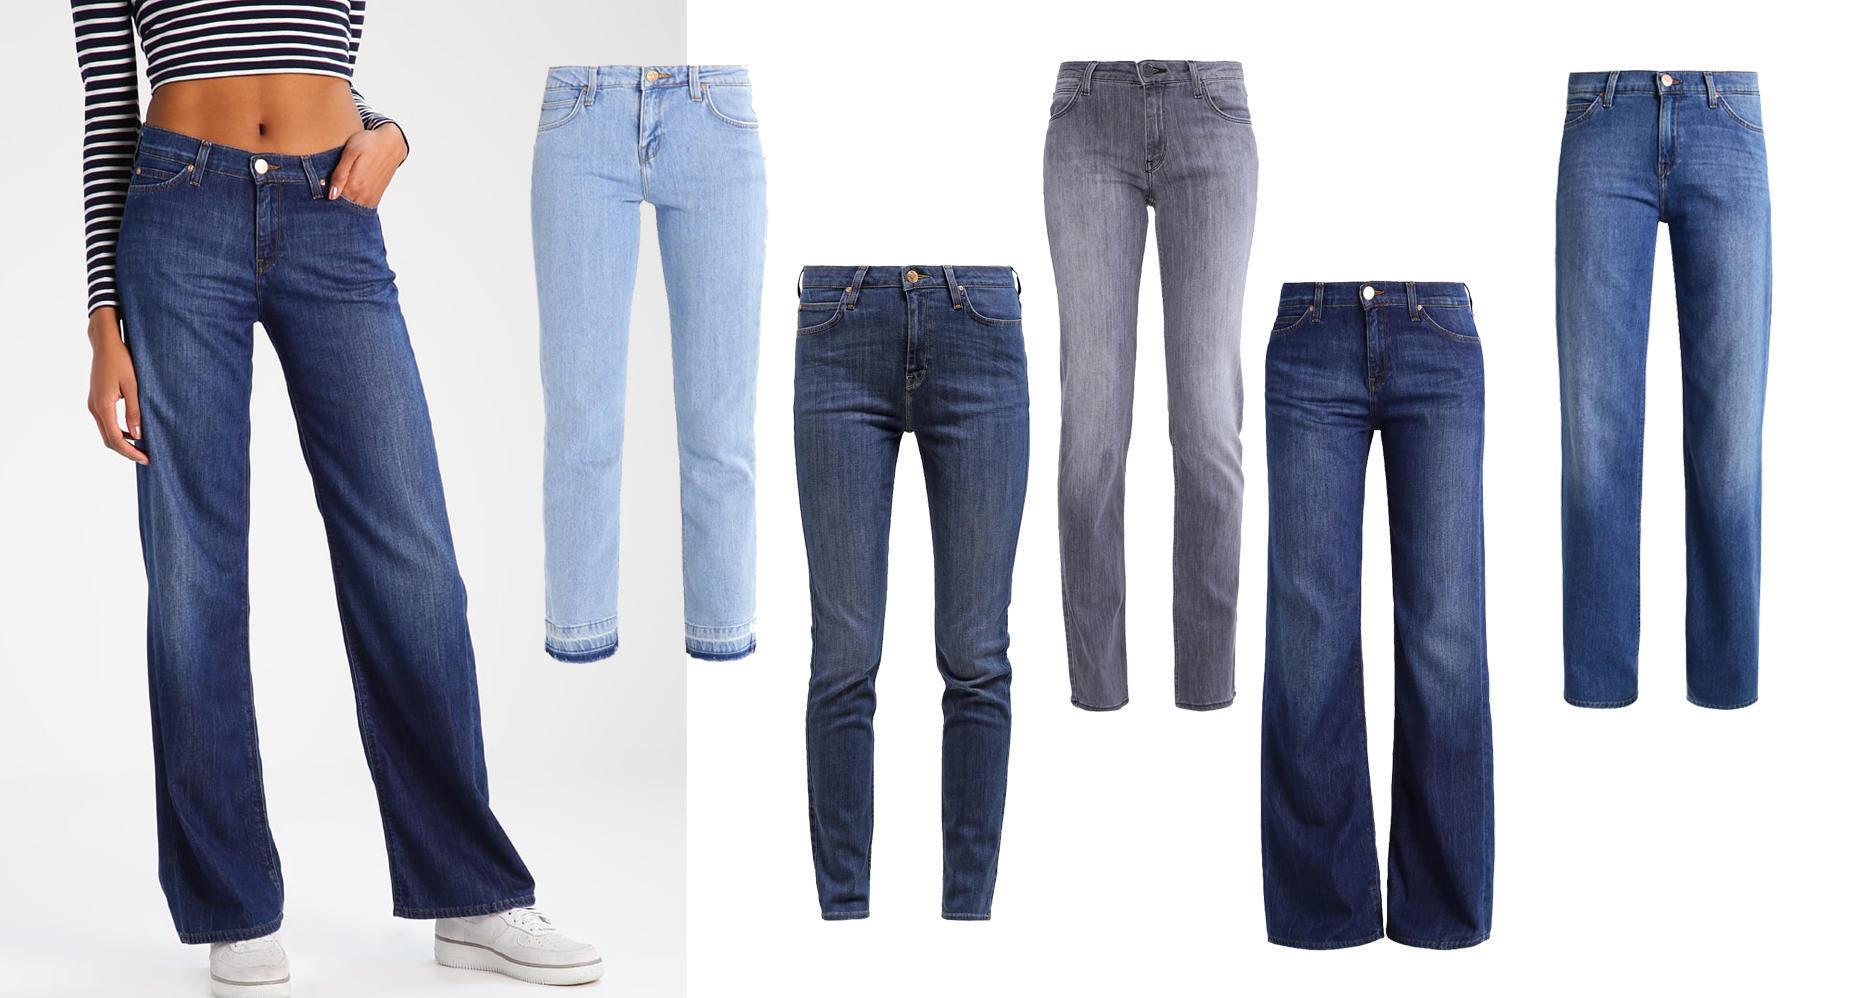 763cb172 Den store jeansguiden 2017 - Mote